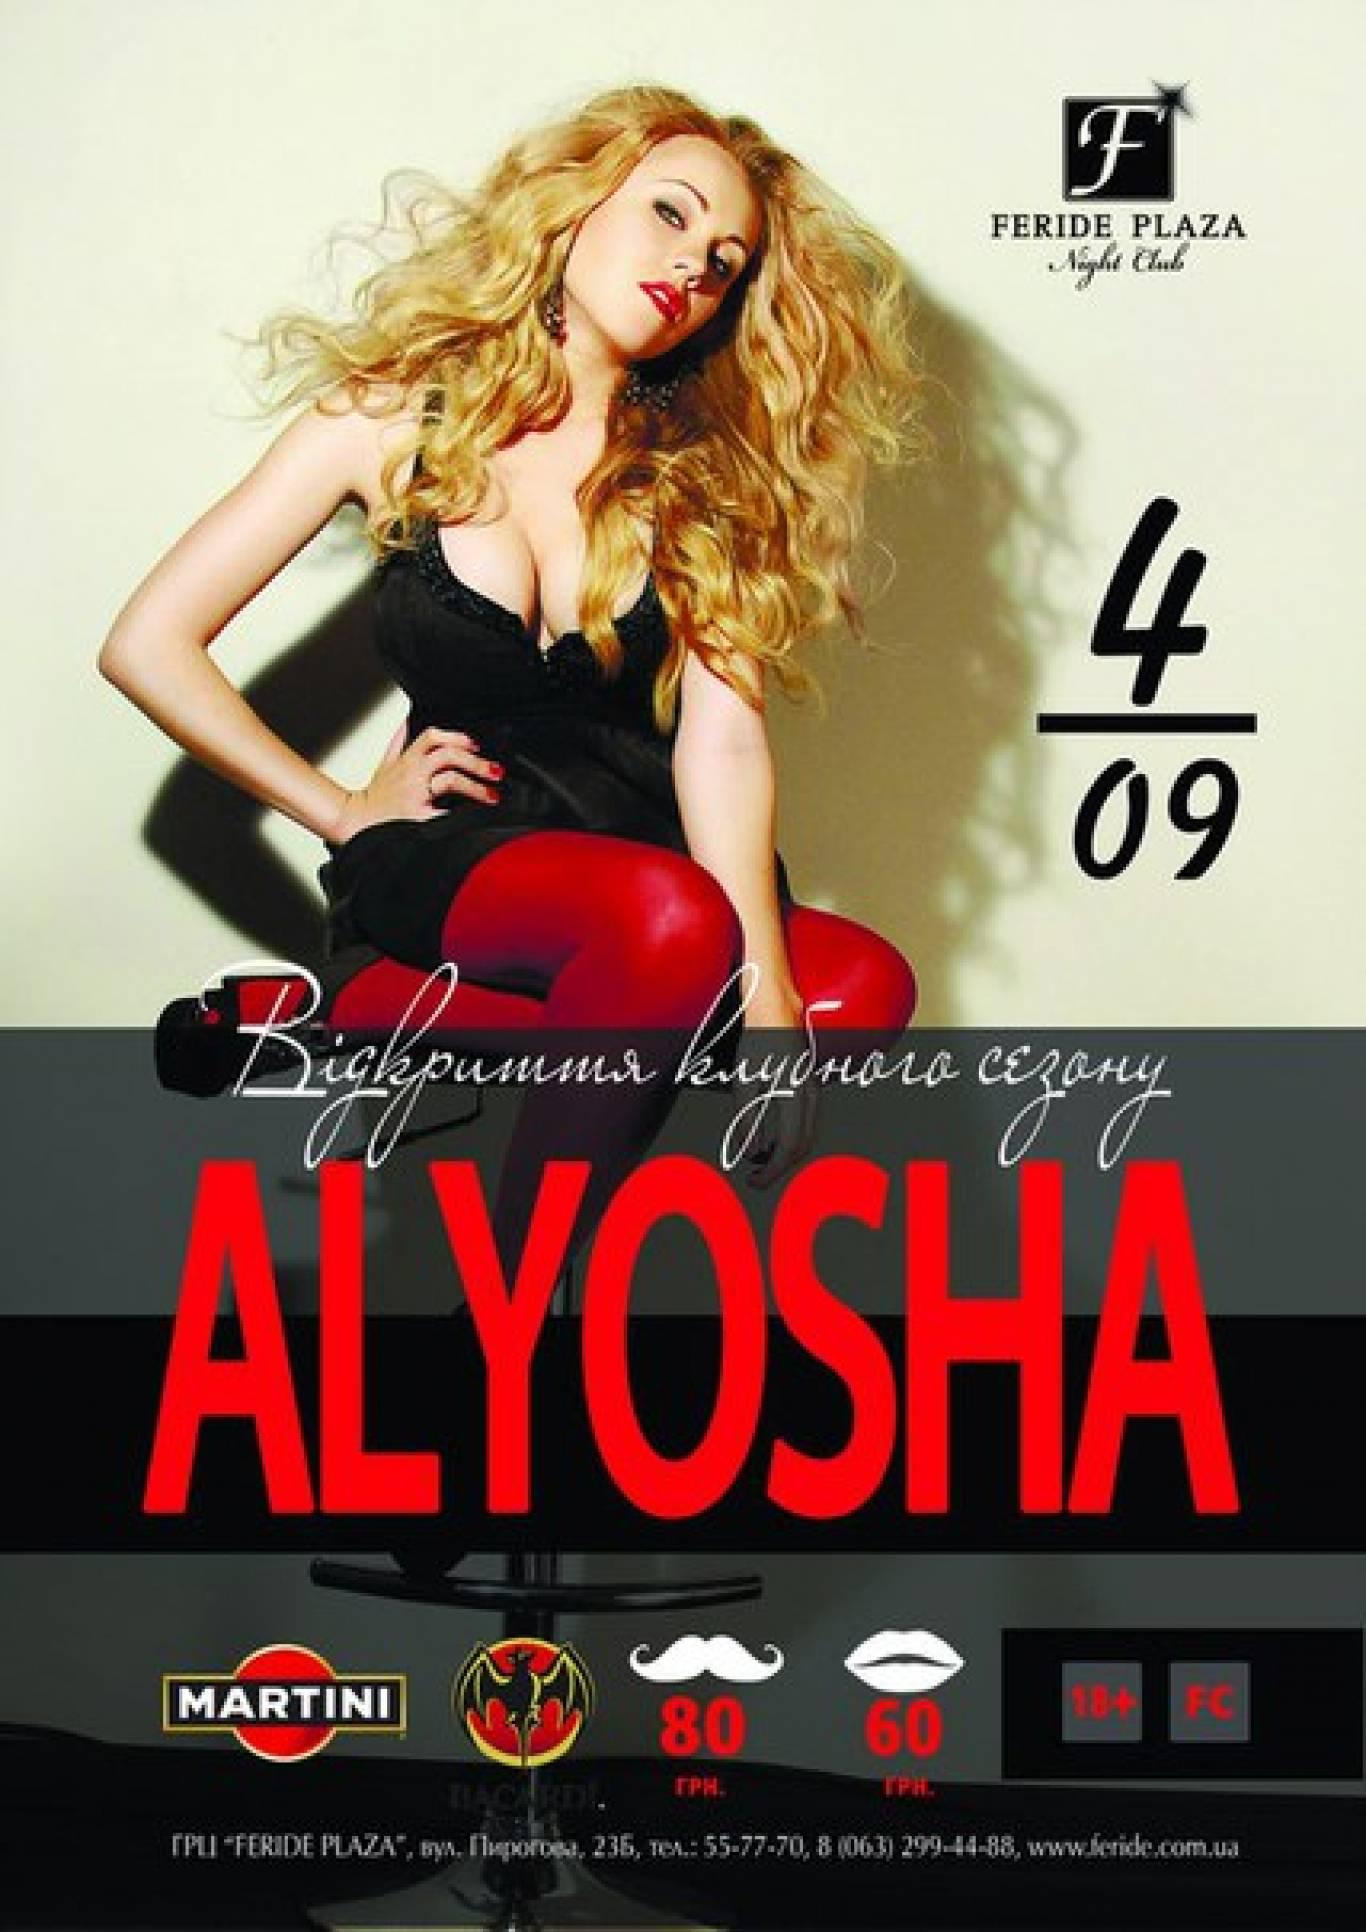 Відкриття клубного сезону. Alyosha з концертом у Вінниці!